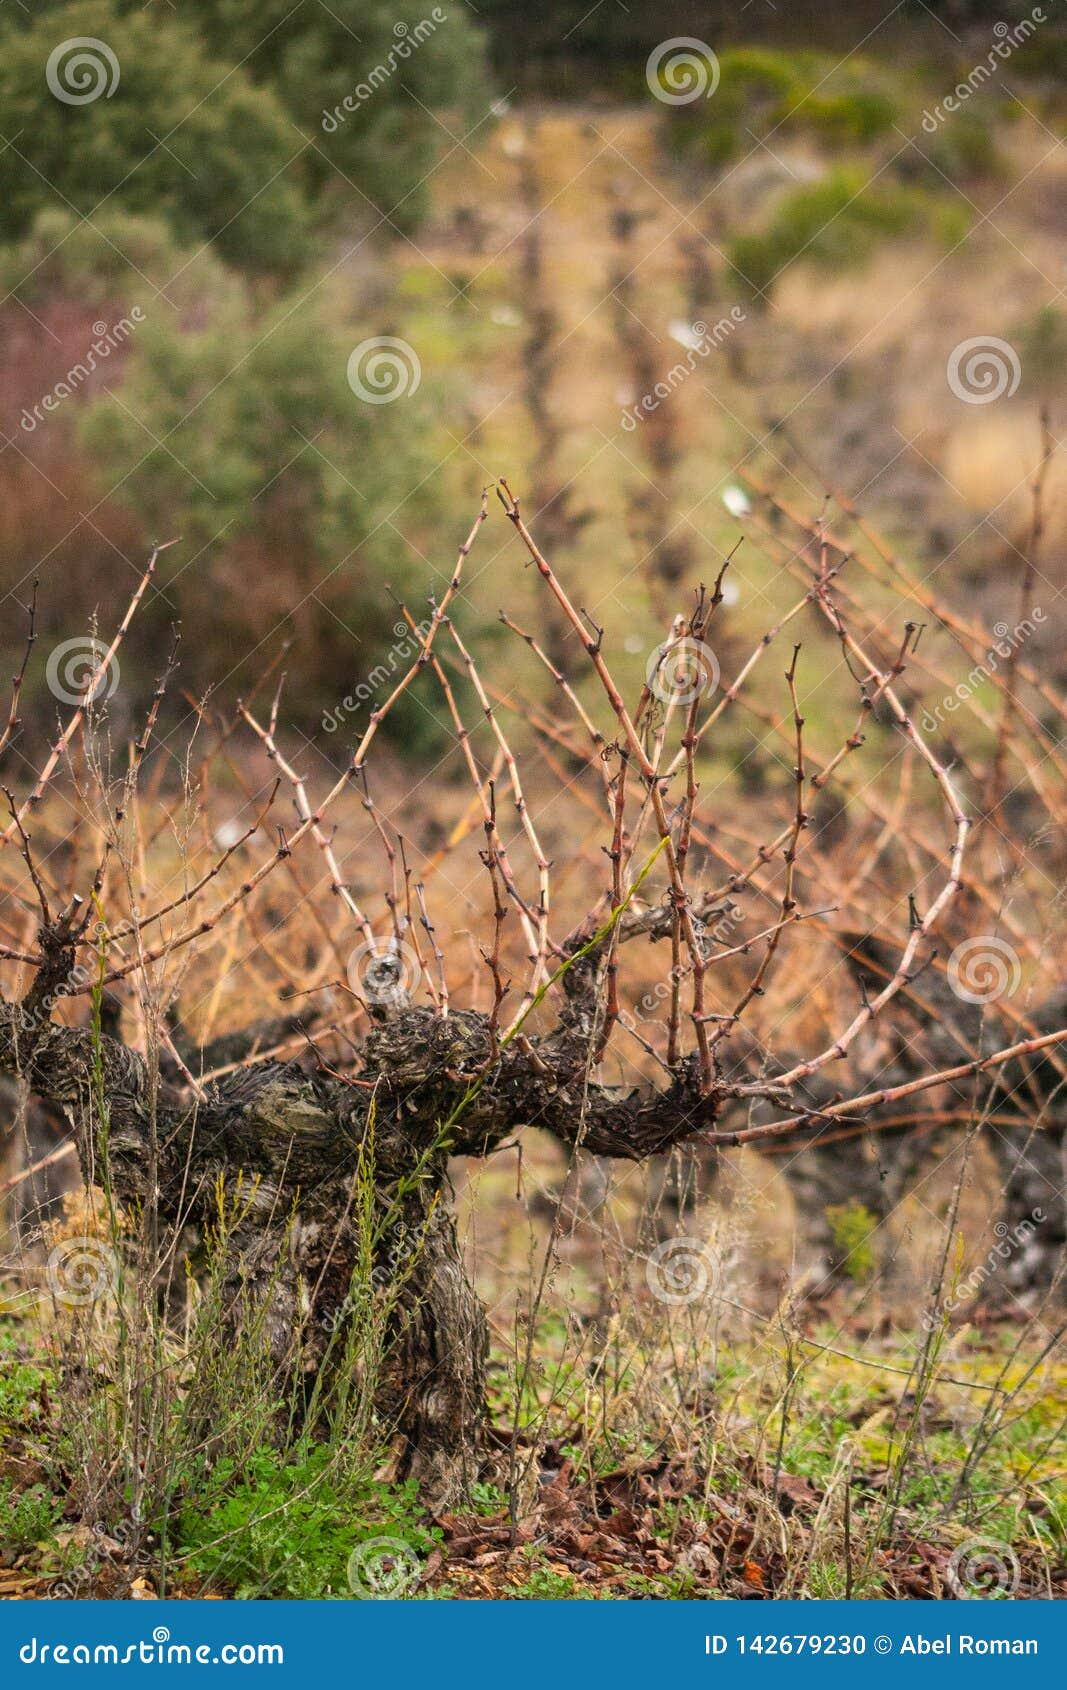 Vine on foreground